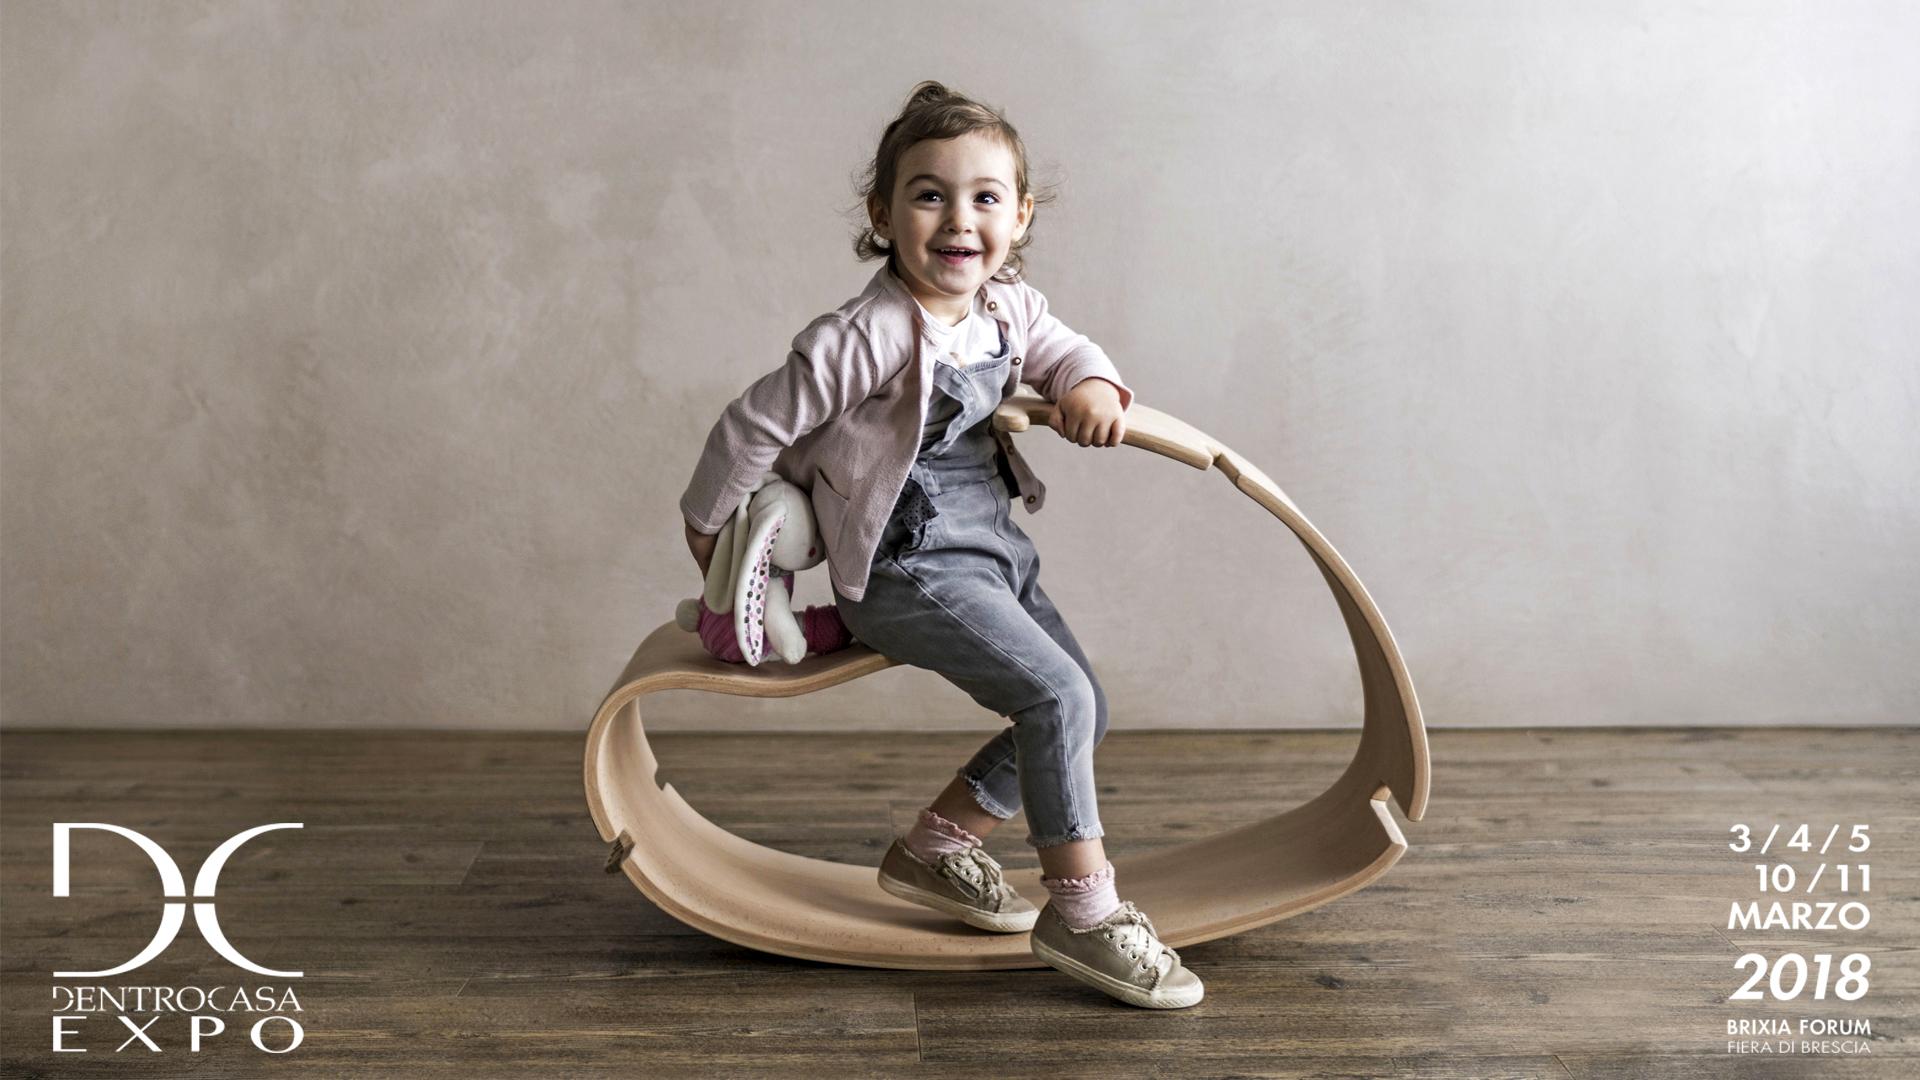 Locandina dell'esposizione del prodotto YaWood di Argo4 presso la fiera DentroCasa Expo a Brescia. Una bambina di un anno e mezzo sorride felice seduta sul cavallo a dondolo in legno curvato Yawood.